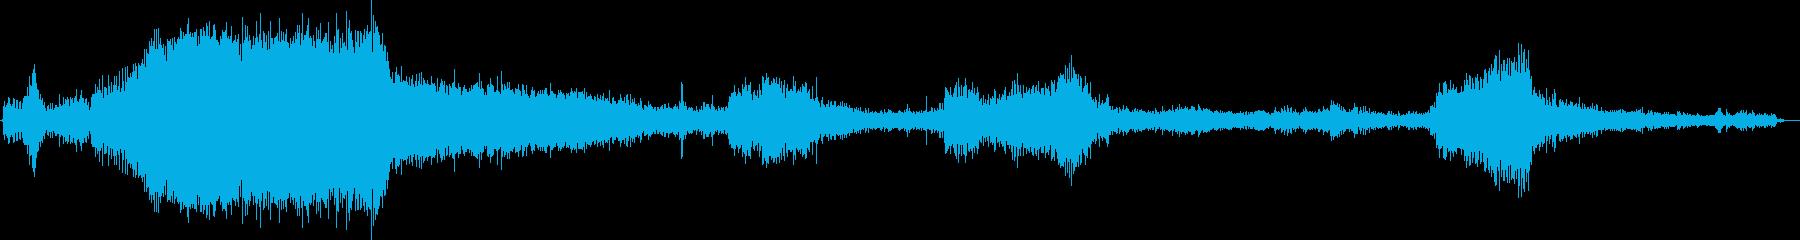 フォードF150ピックアップトラッ...の再生済みの波形